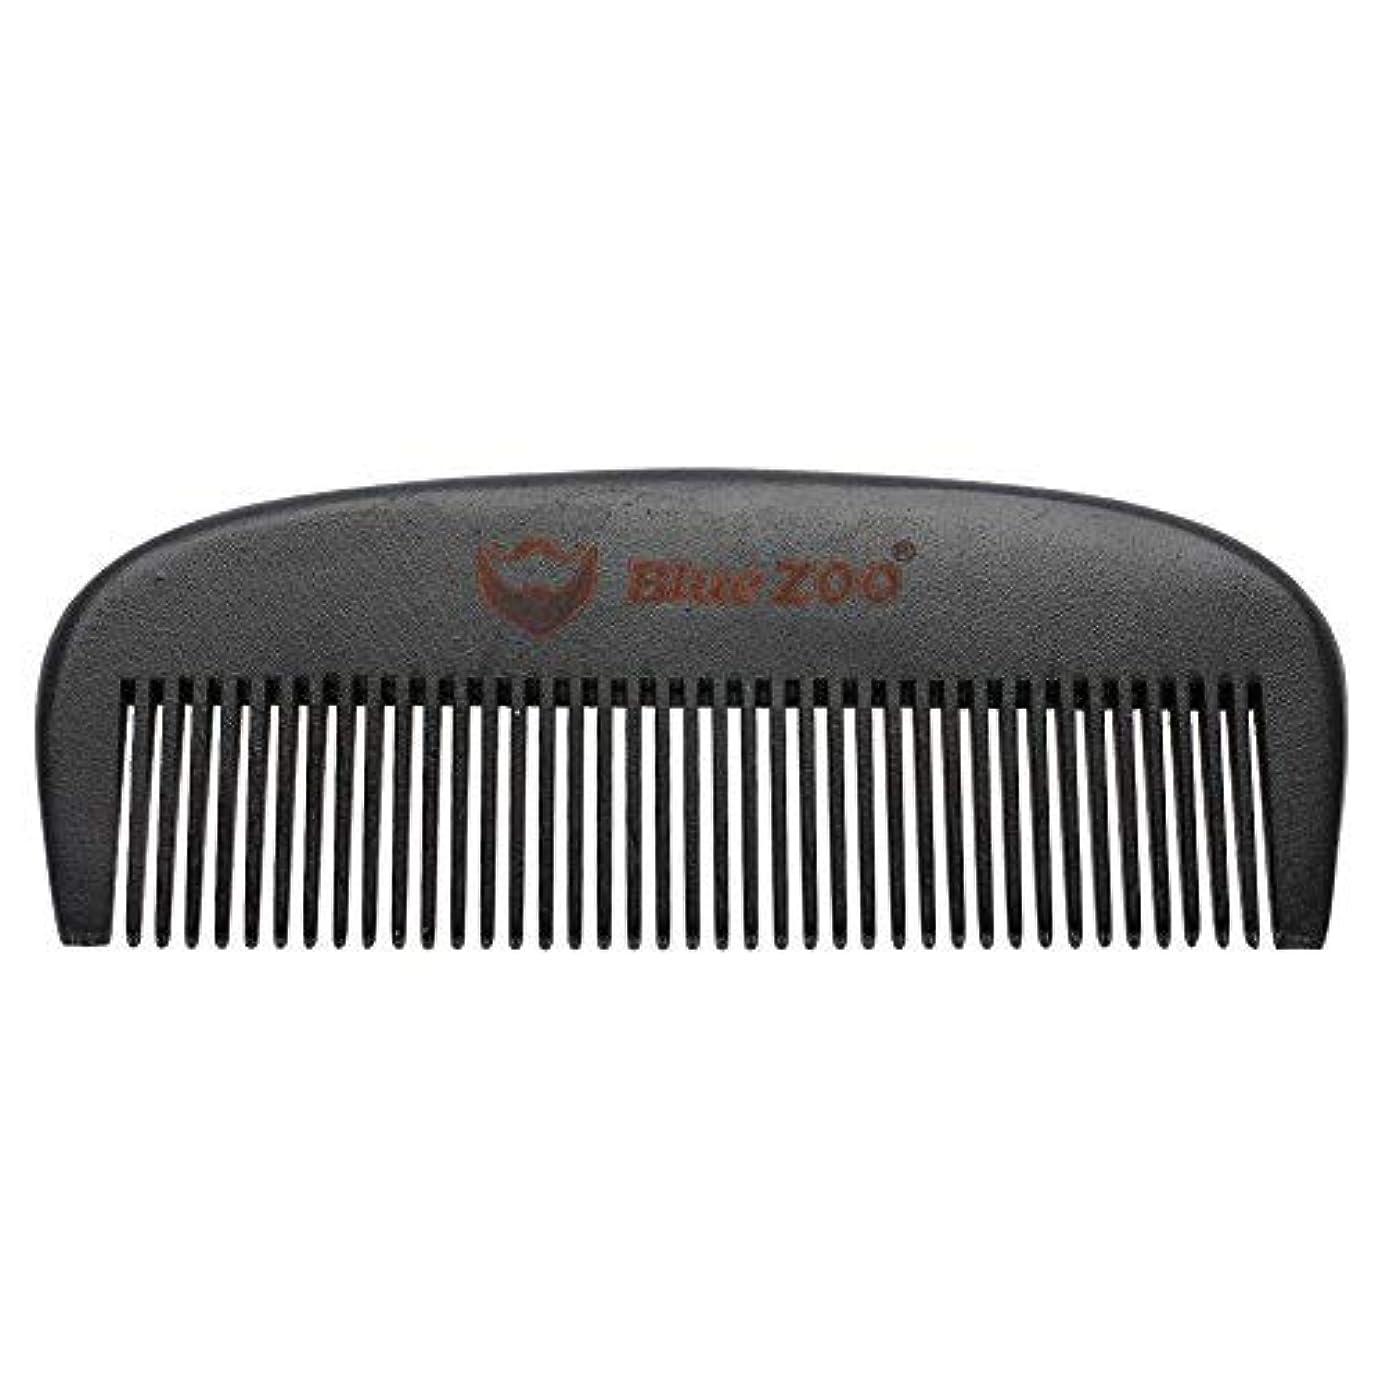 とげ緯度ローマ人Mens Beard Comb Natural Wooden Moustache Hair Health Care Combing Black Pear Wood Anti-static Fine Wide Tooth...